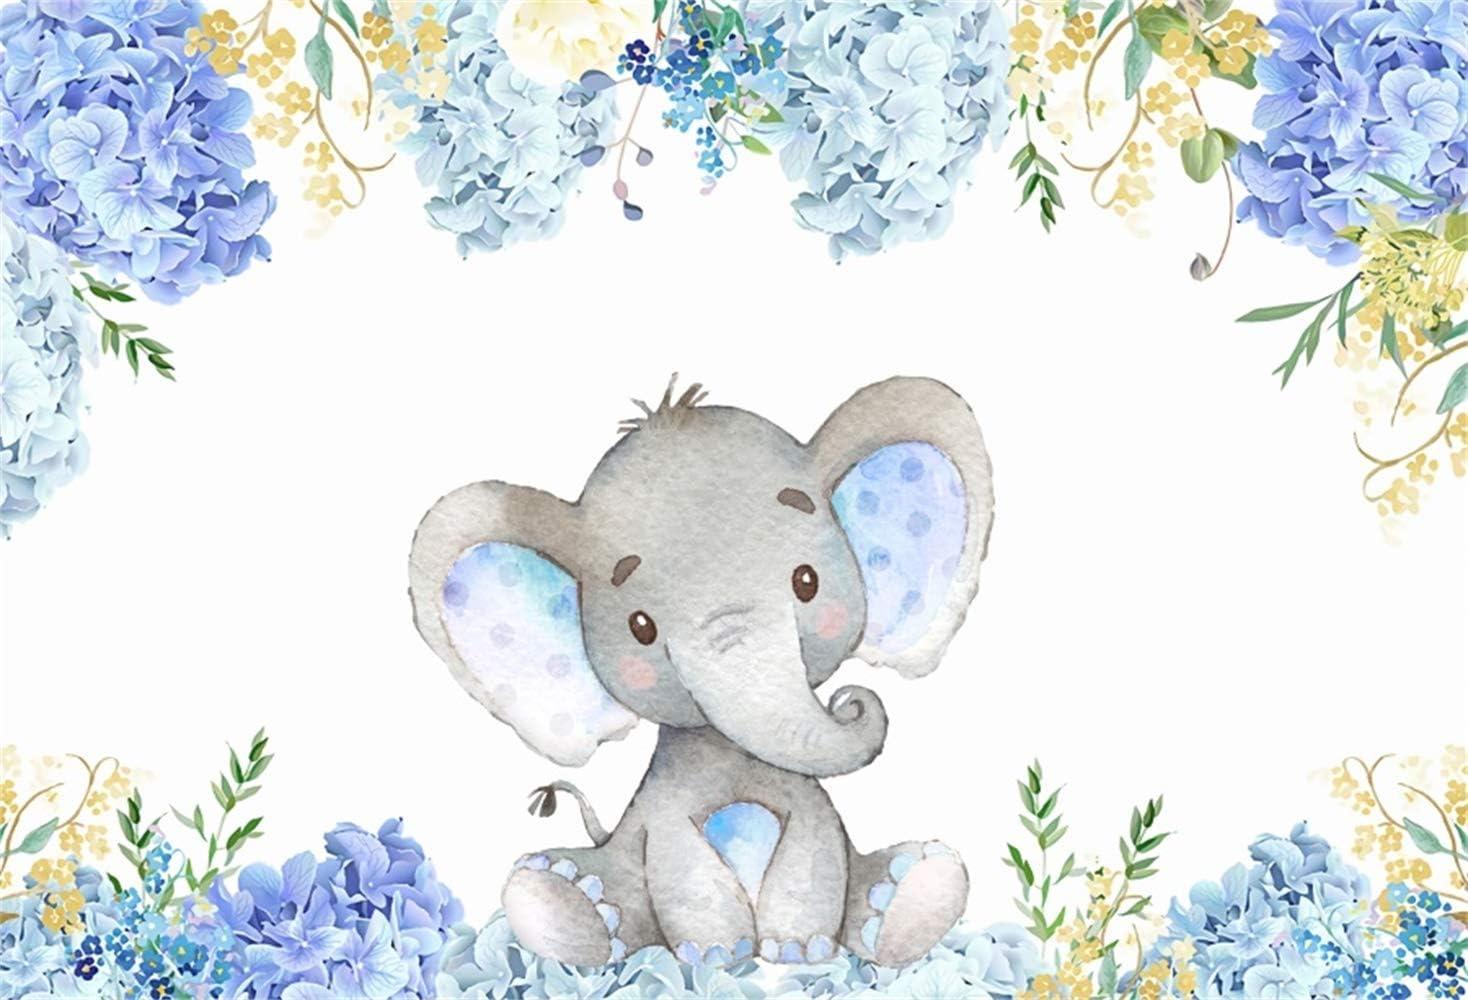 Amazon.com: Yeele - Fondo para fotografía de elefante de 5 x ...